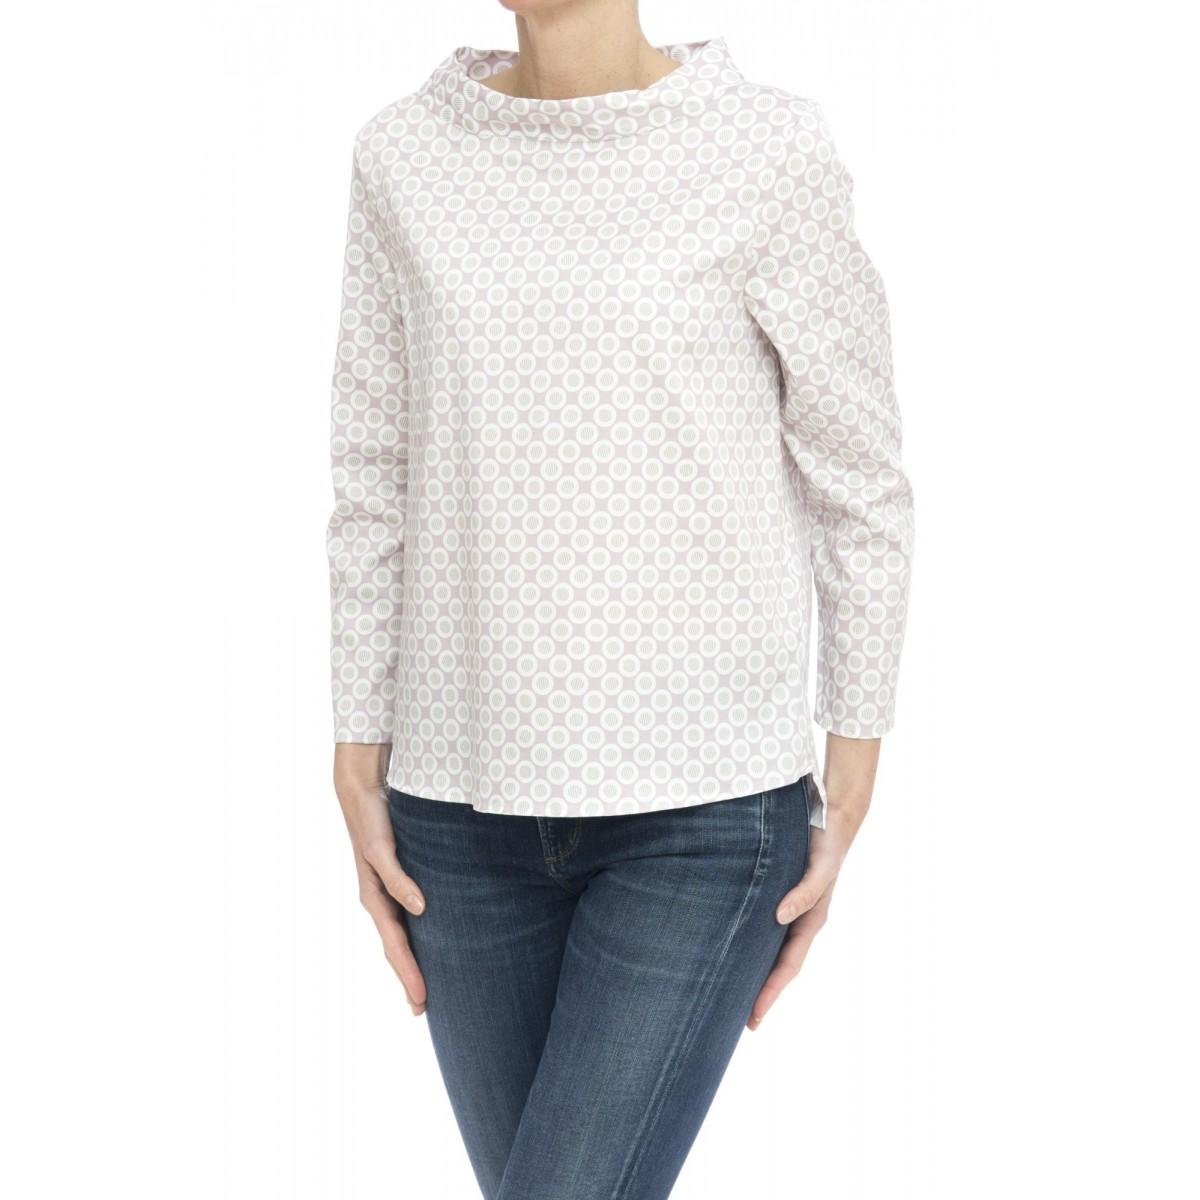 Camicia donna - Clara 85535 stampa su raso strech